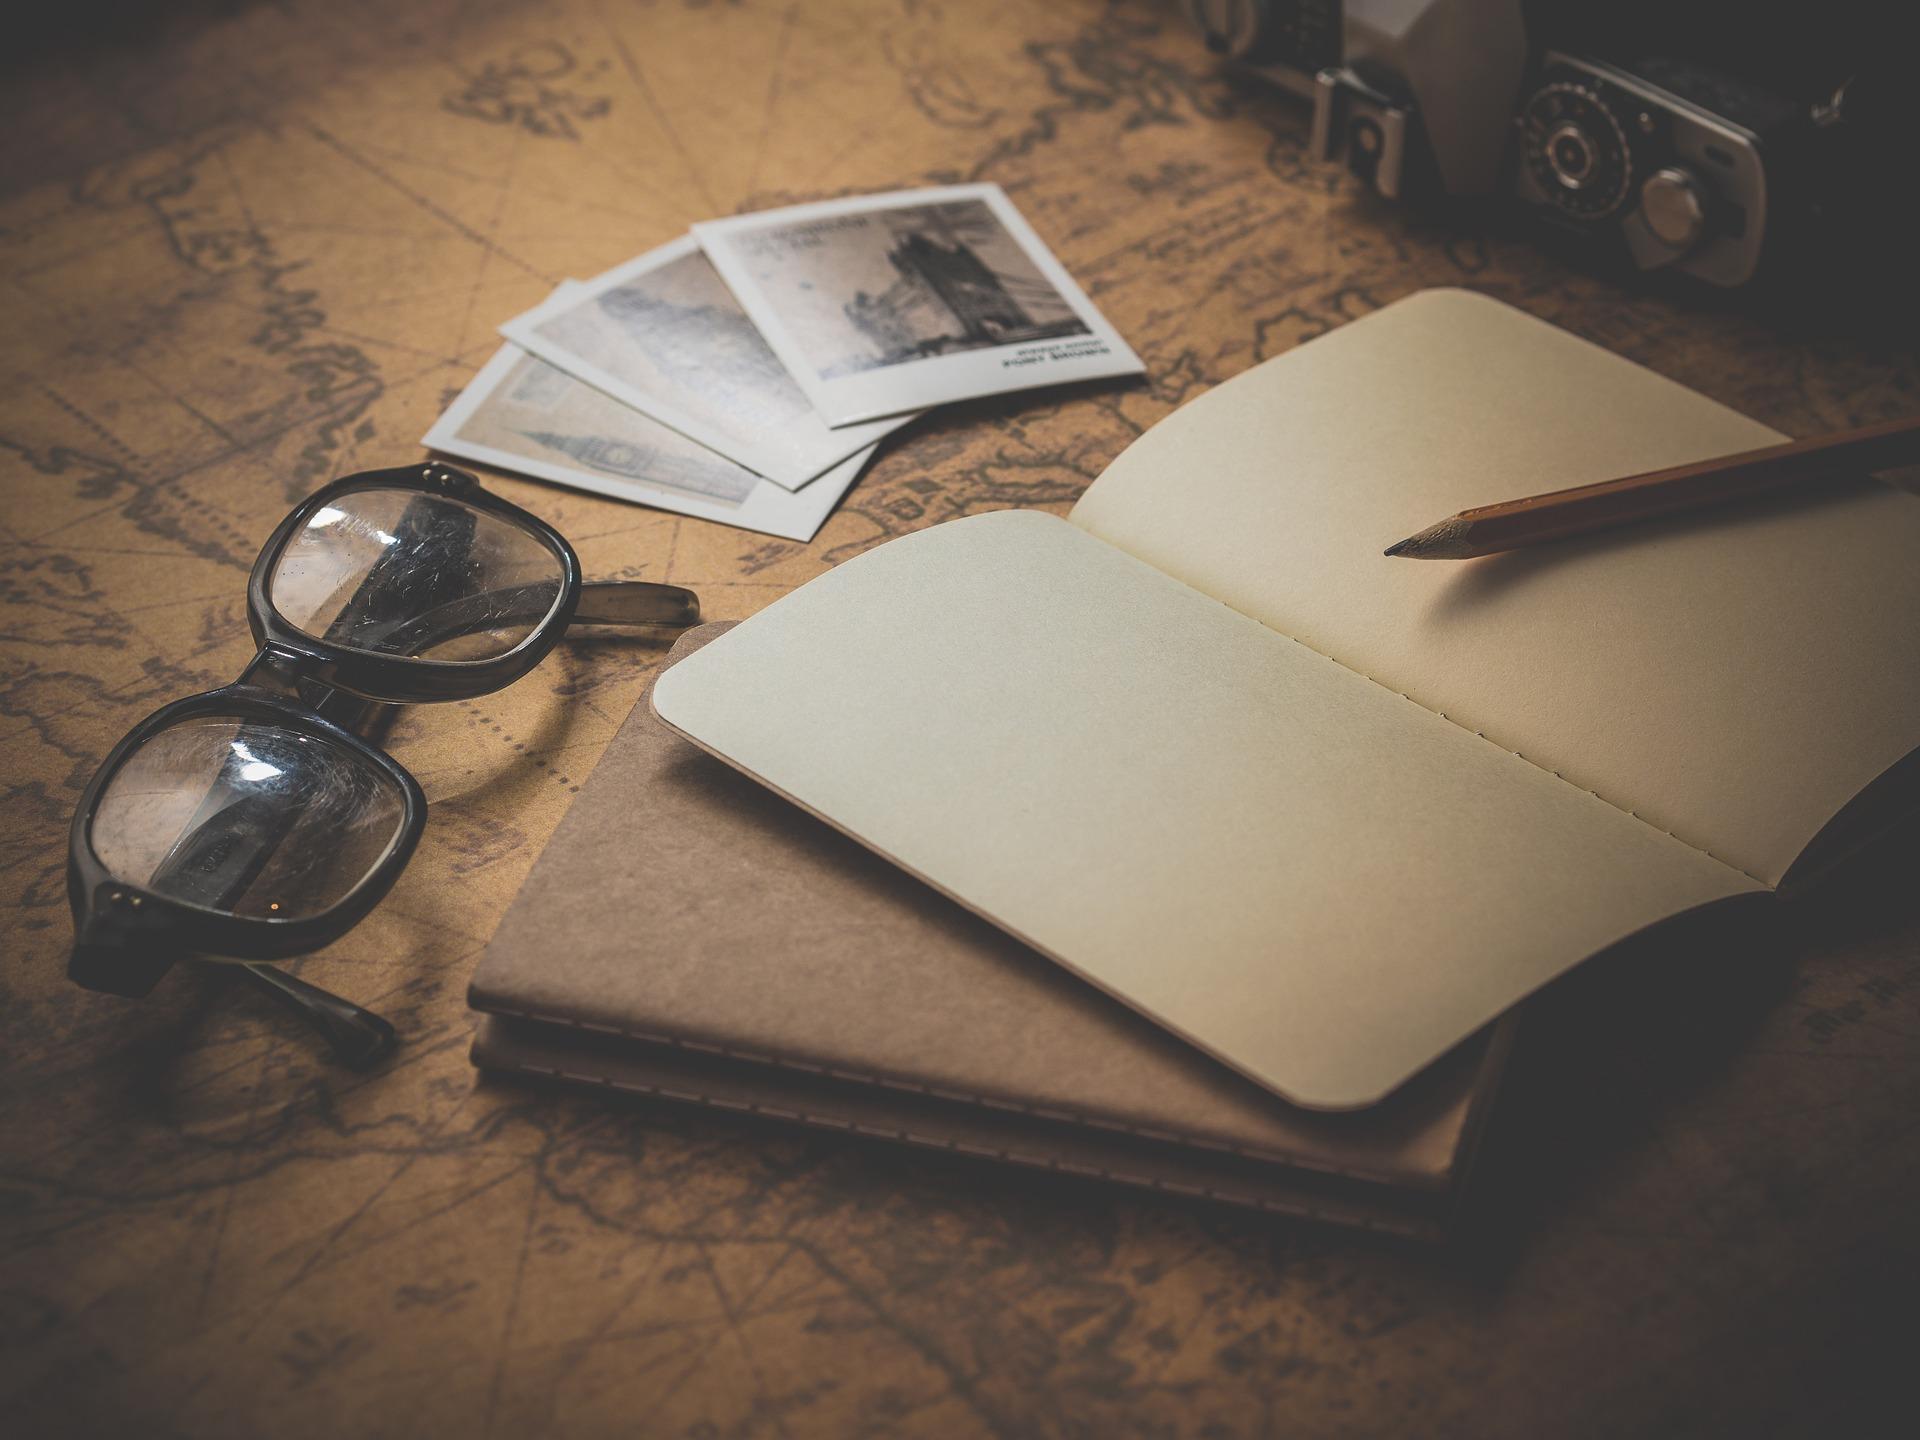 Passo a Passo: Como montar um roteiro de viagem?